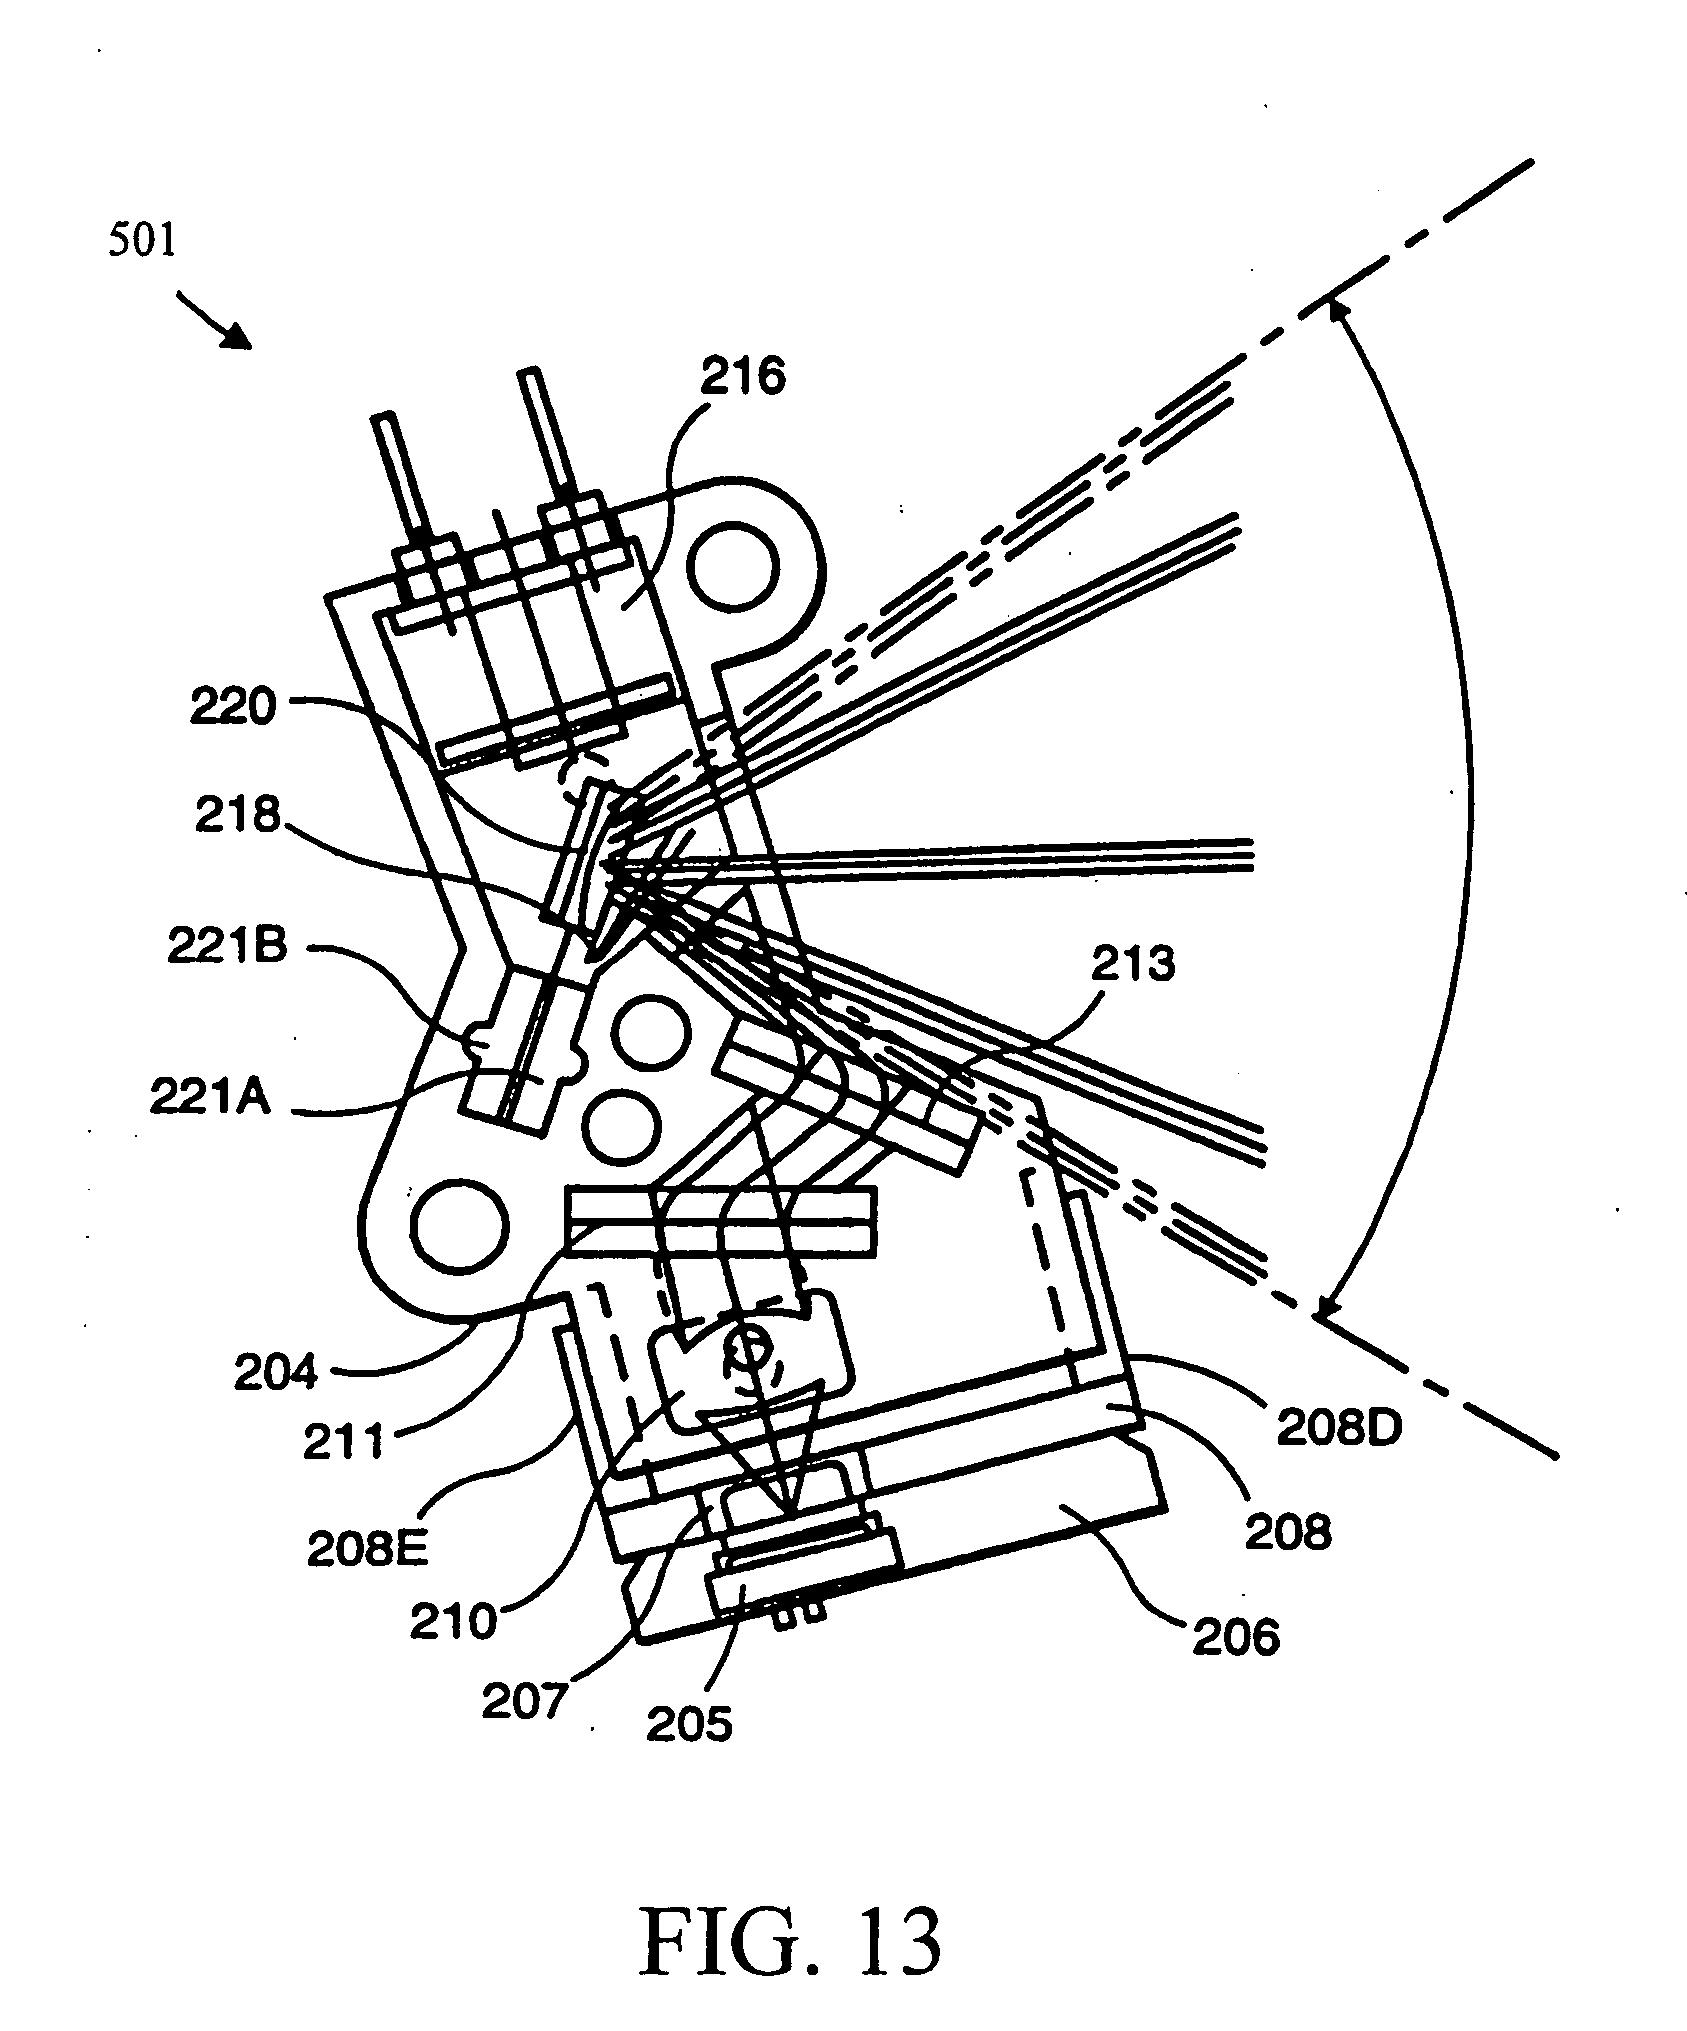 rj45 diagram d1 d2 wiring diagram Cat6 RJ45 Diagram rj45 diagram d1 d2 box wiring diagr atent us20050023358 hand held pact ergonomic laser scanner pnf d1